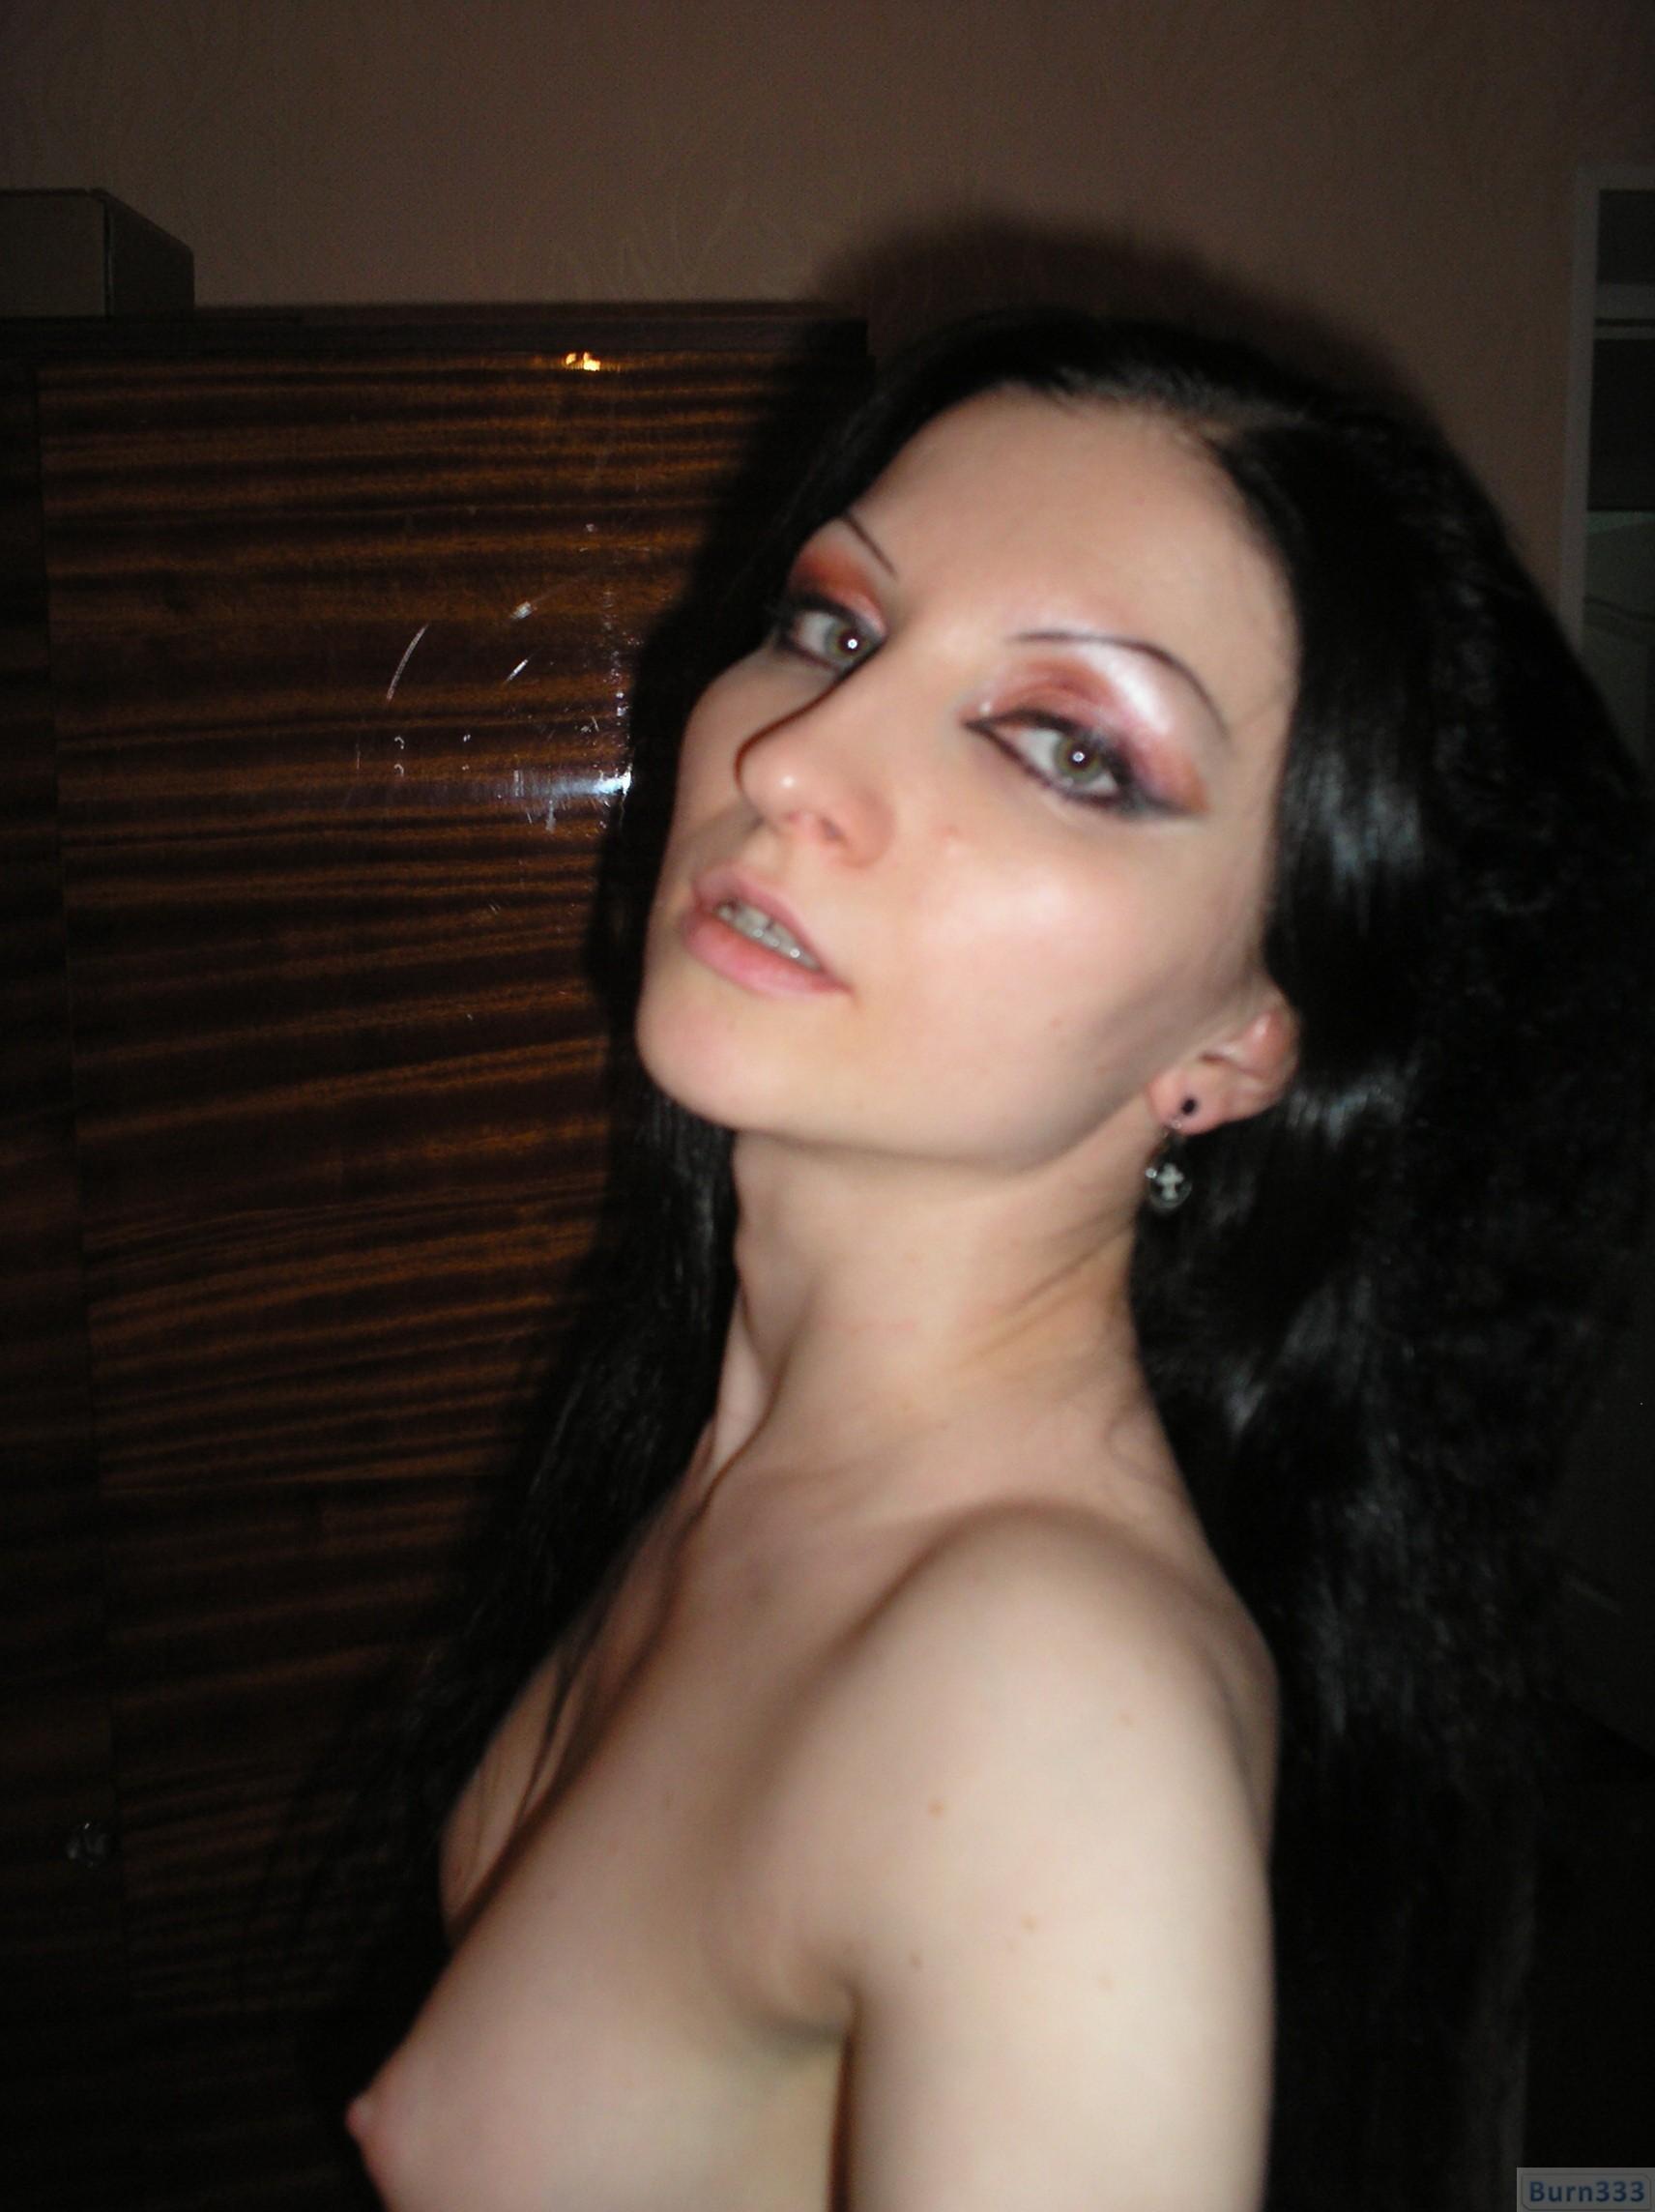 Девушка соглашается на домашнюю эротическую фотосессию, в которой она постепенно раздевается